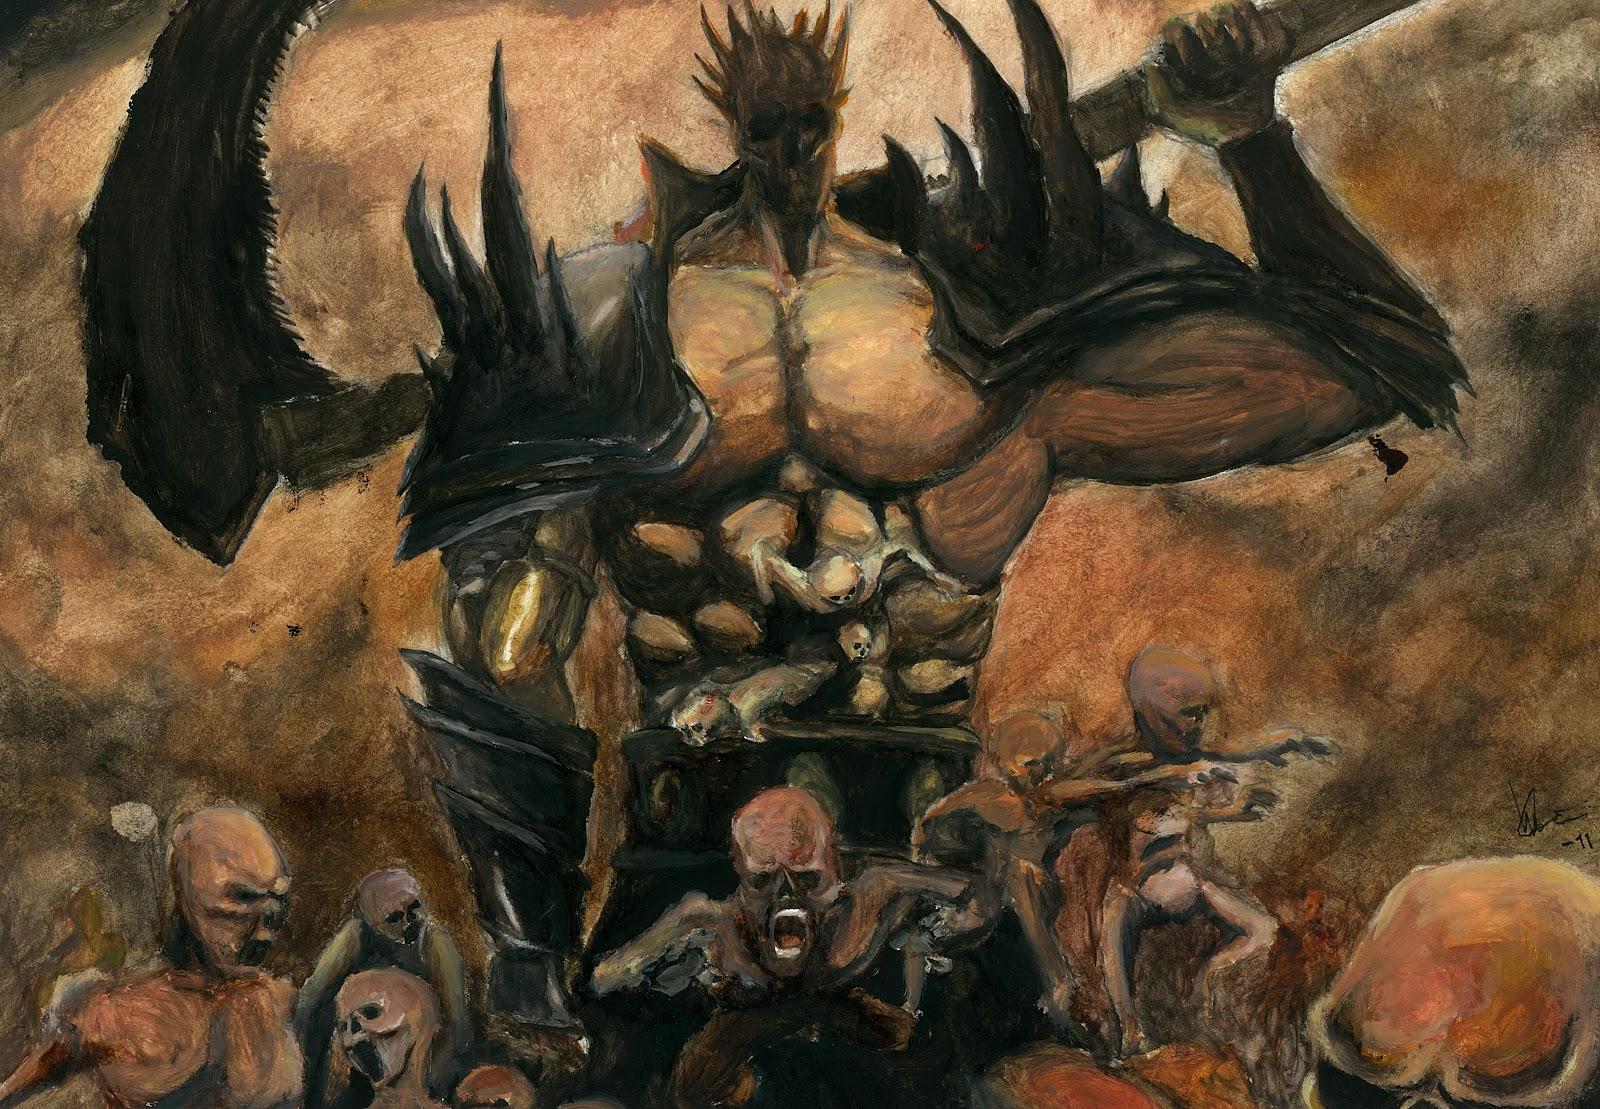 Cyberfroggy art: Demon twin paintings, schoolwork